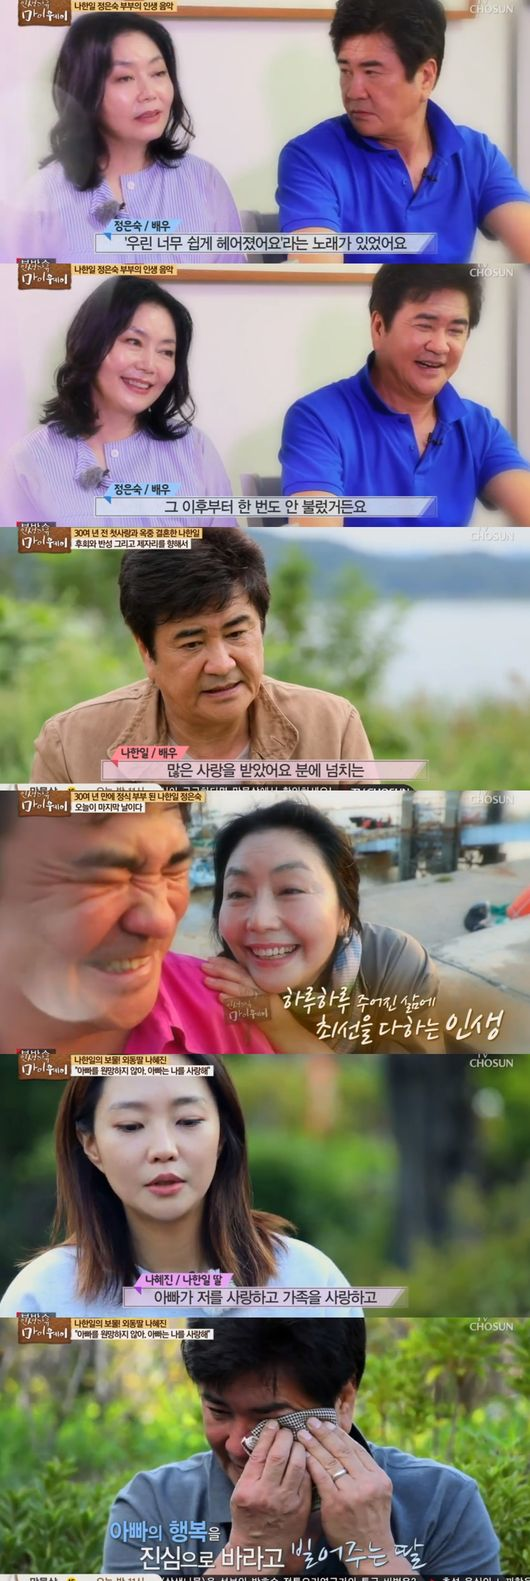 나한일♥정은숙, 동거→유산→이별→옥중재혼..영화같은 ♥[Oh!쎈 레터]